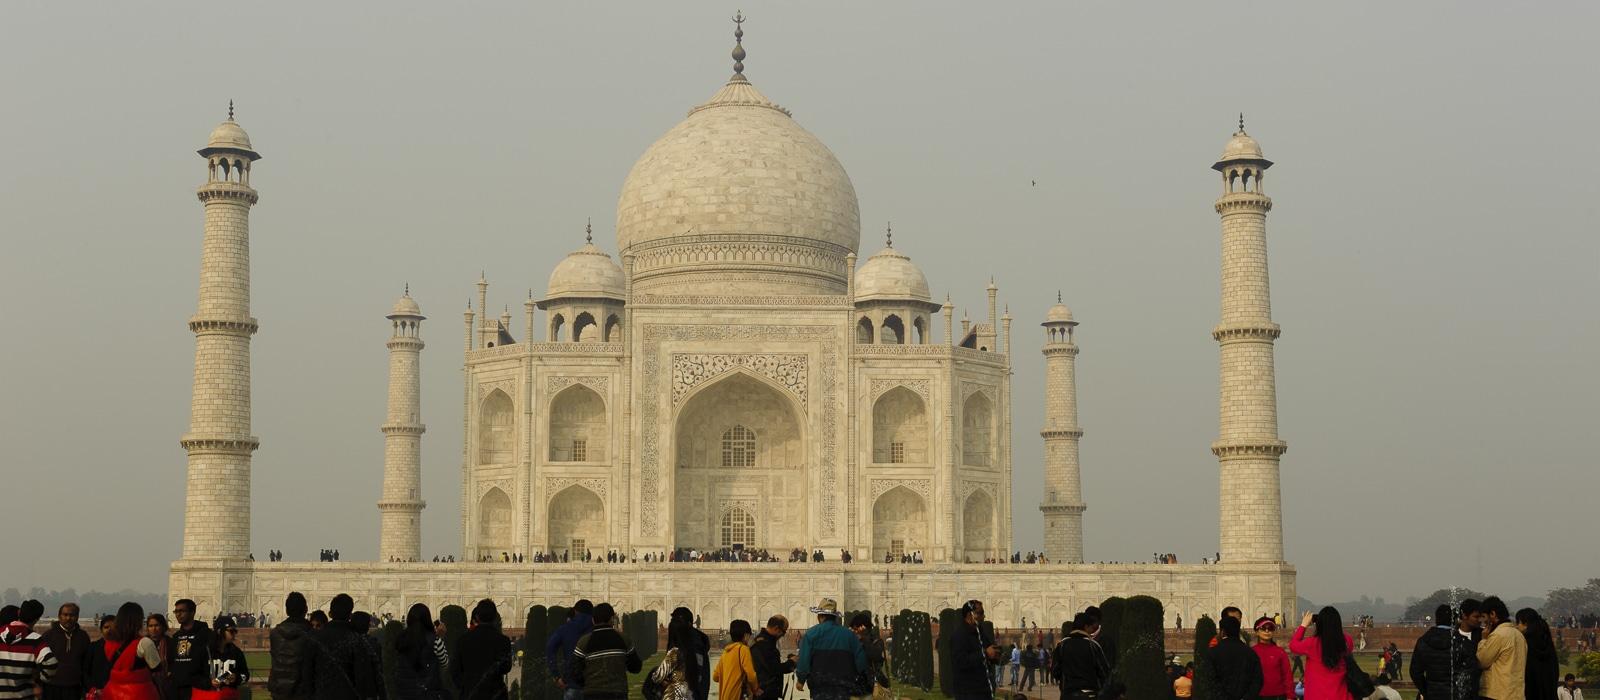 img-diapo-entete - Rajasthan-1600x700-13.jpg